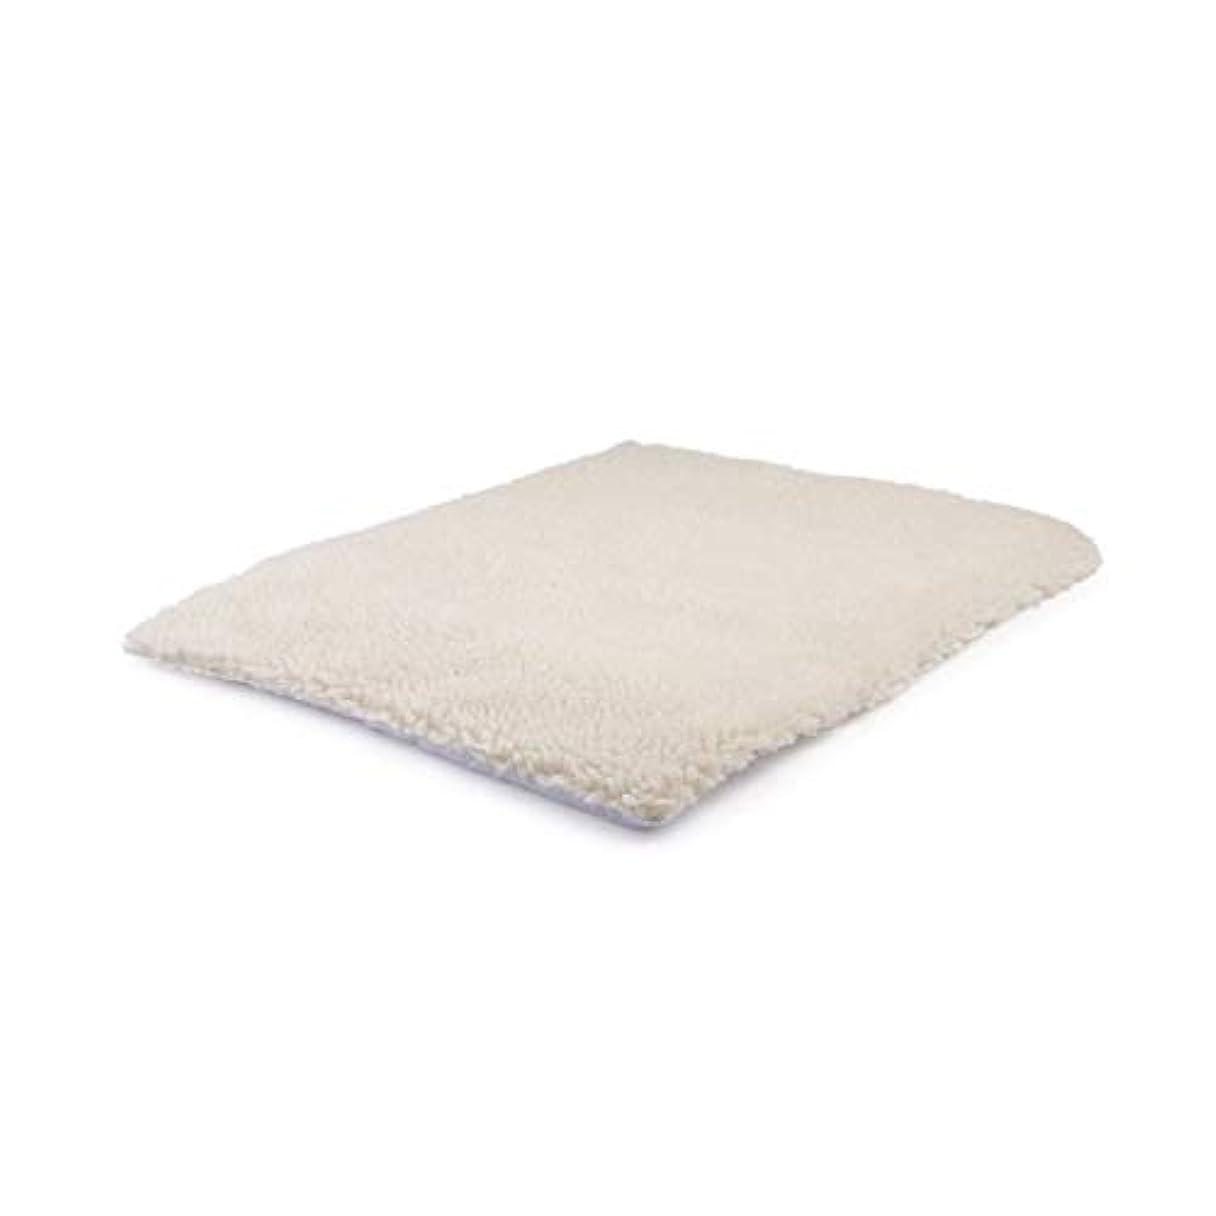 木曜日ステージ雨Saikogoods 自己発熱ペット毛布 ペットベッド ウォッシャブル ノーエレクトリック スーパーソフト 子犬子猫毛布 ベッドマット ベージュ 640×460mm